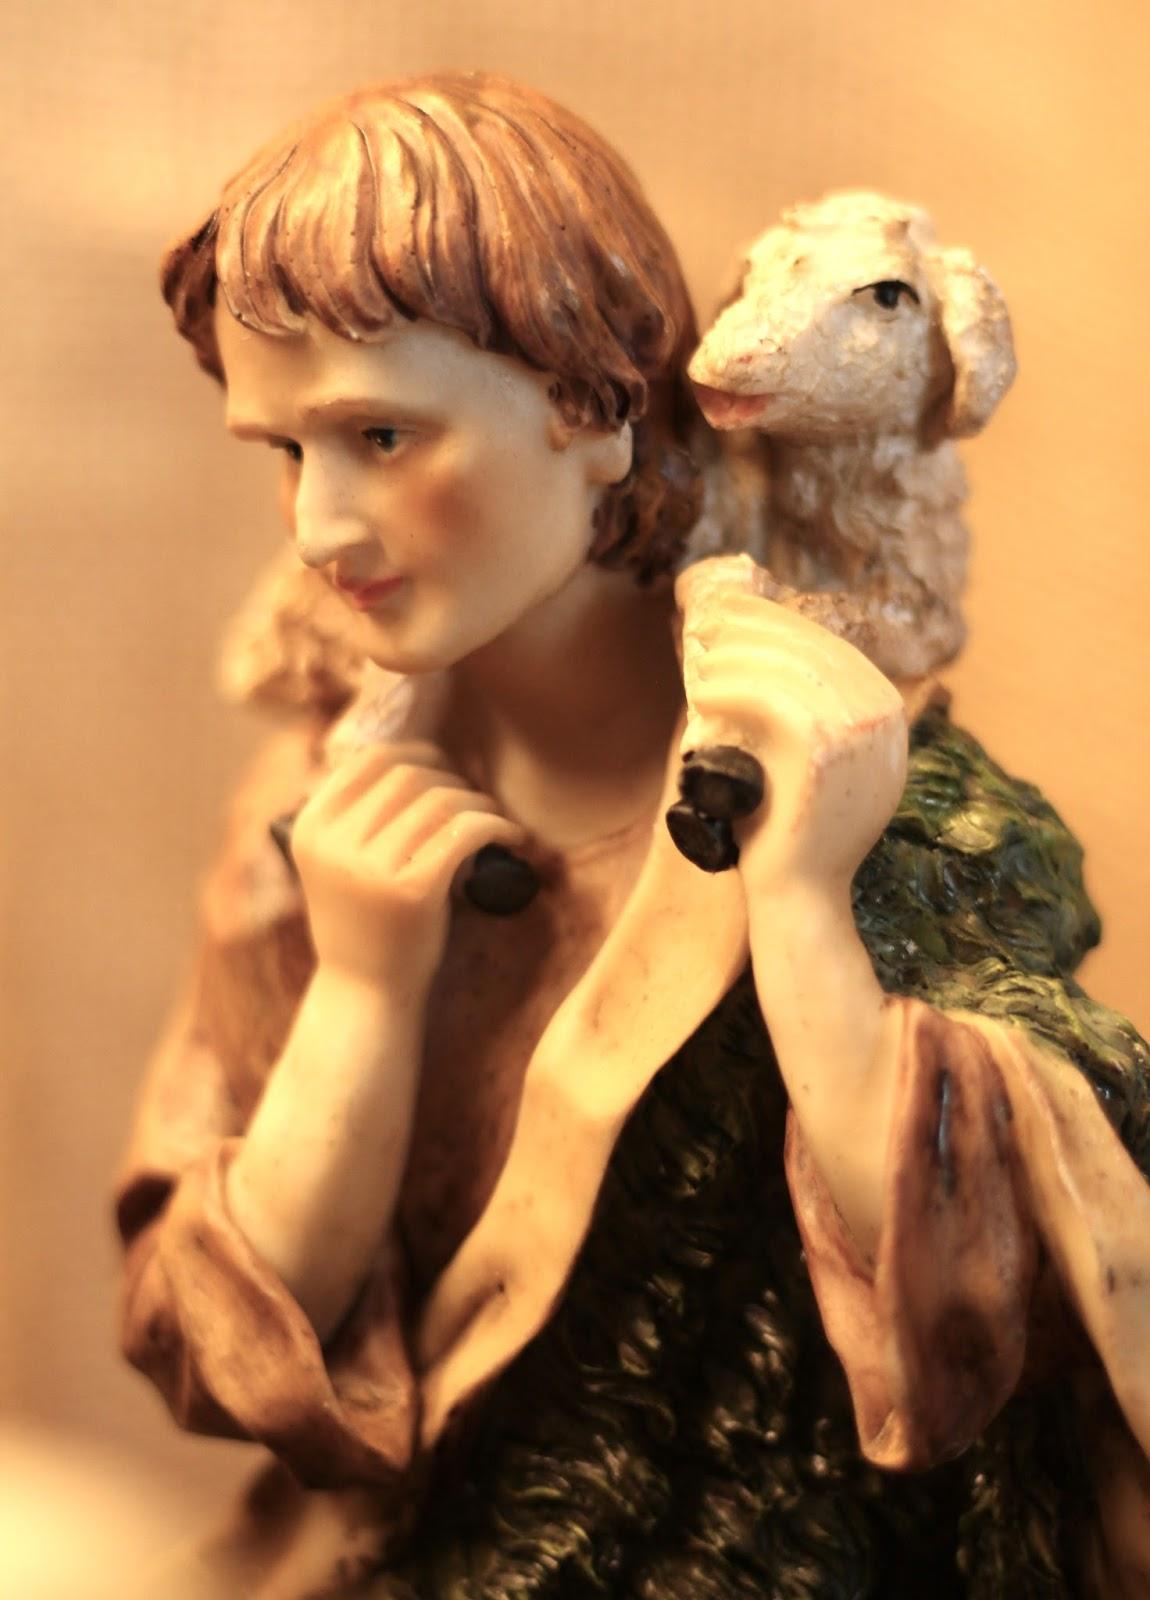 Selbst gebaute Weihnachtskrippe mit Figuren aus Polyresin oder Kunstharz: Hirte mit Lämmchen